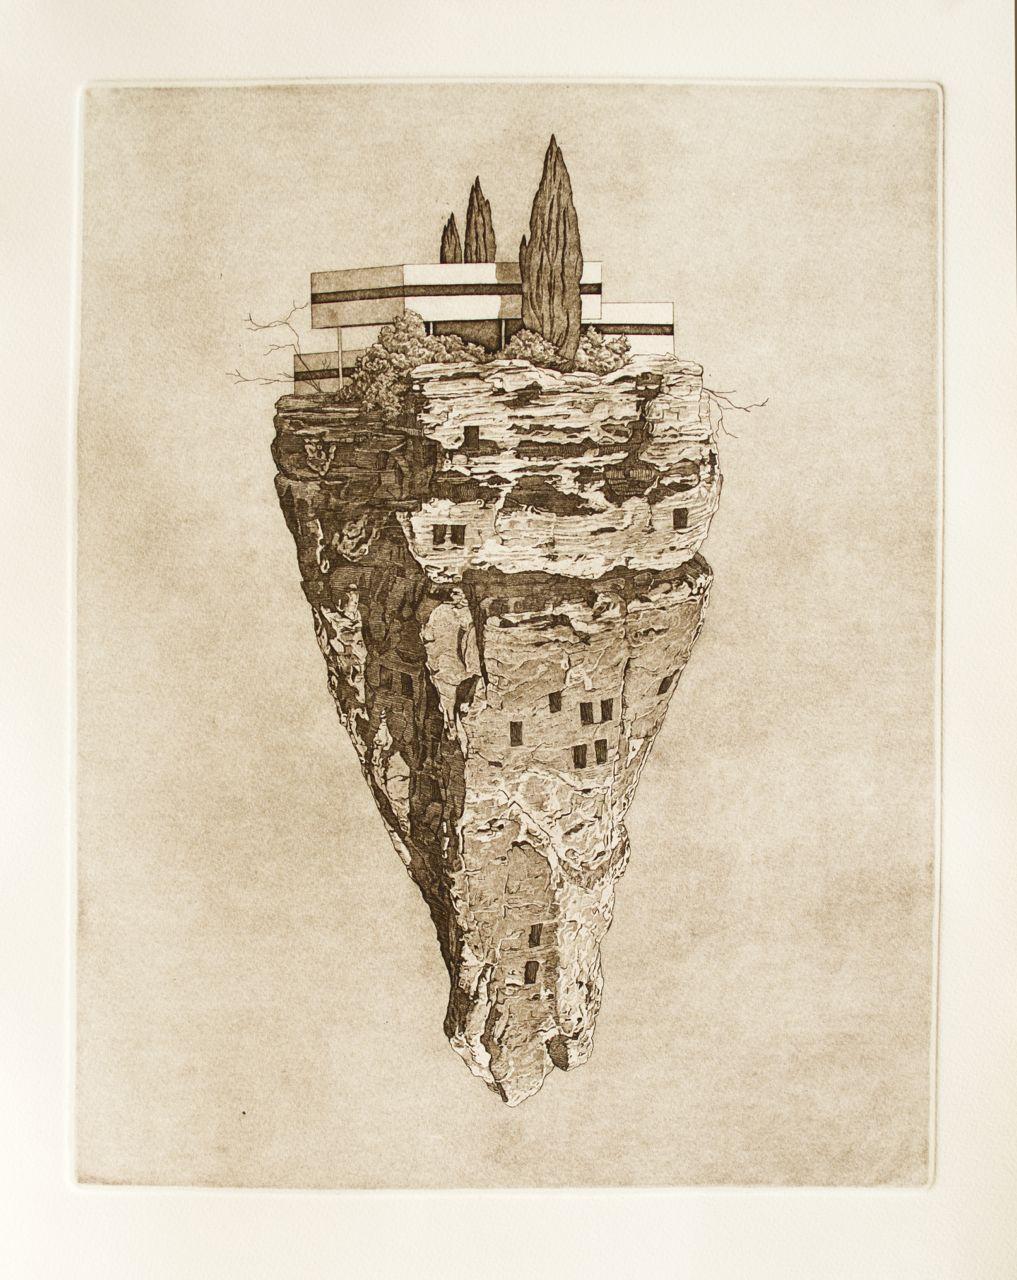 Precipice 14x18 inches 2012